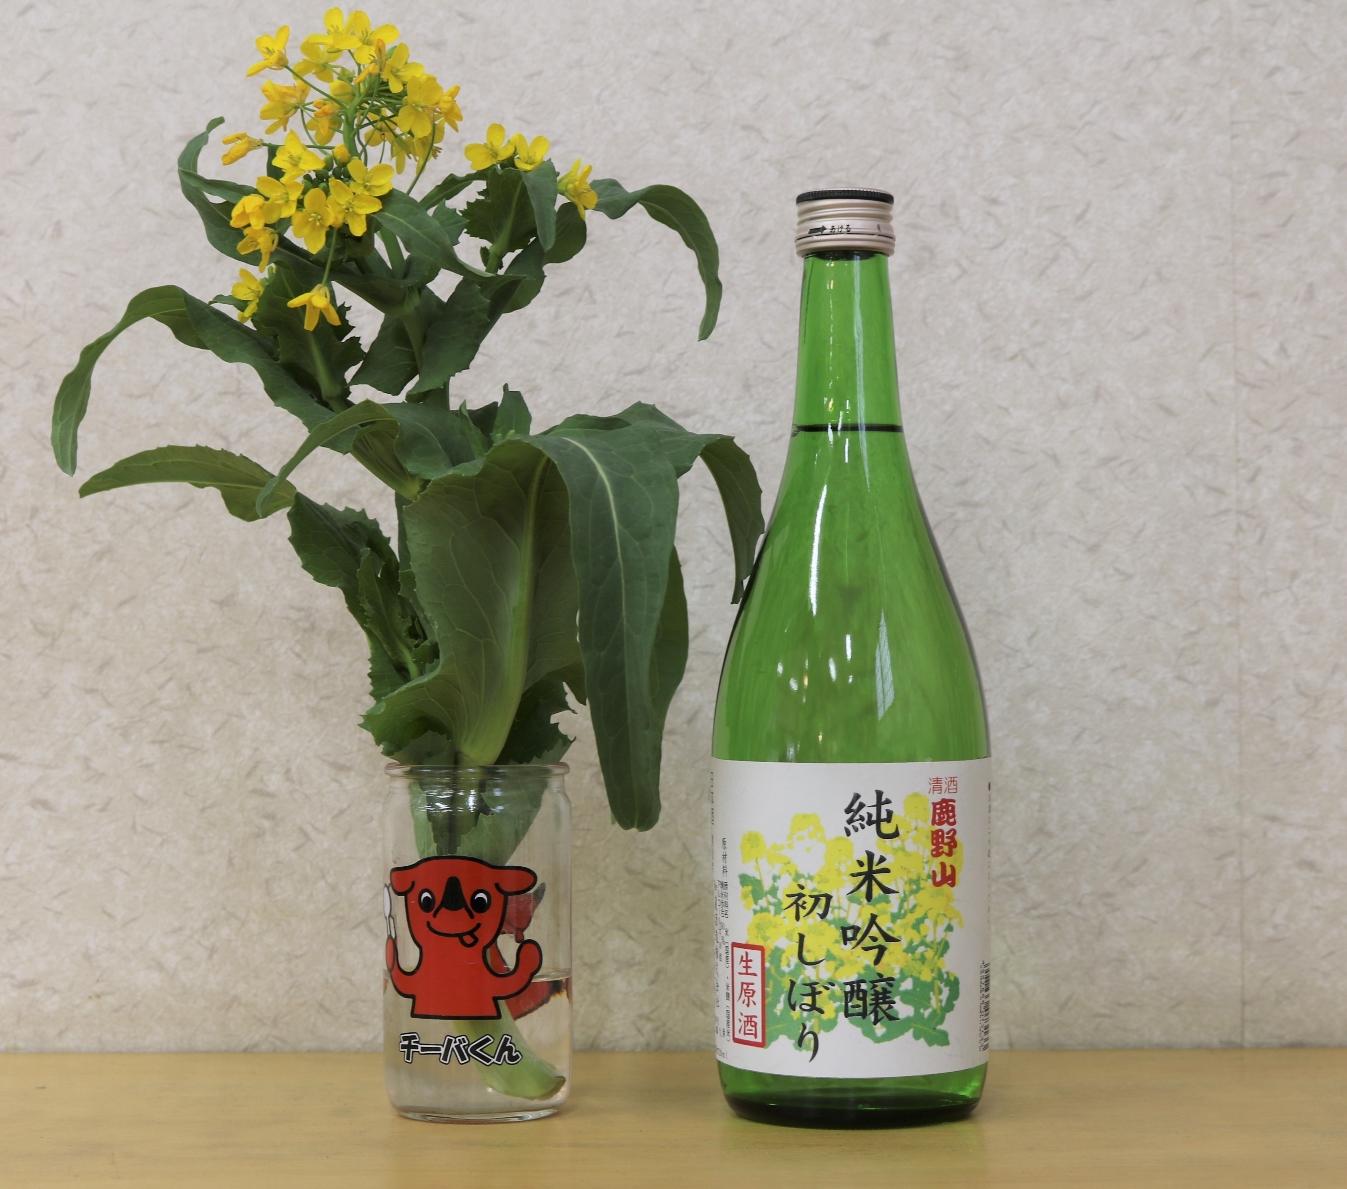 鹿野山純米吟醸初しぼり720ml